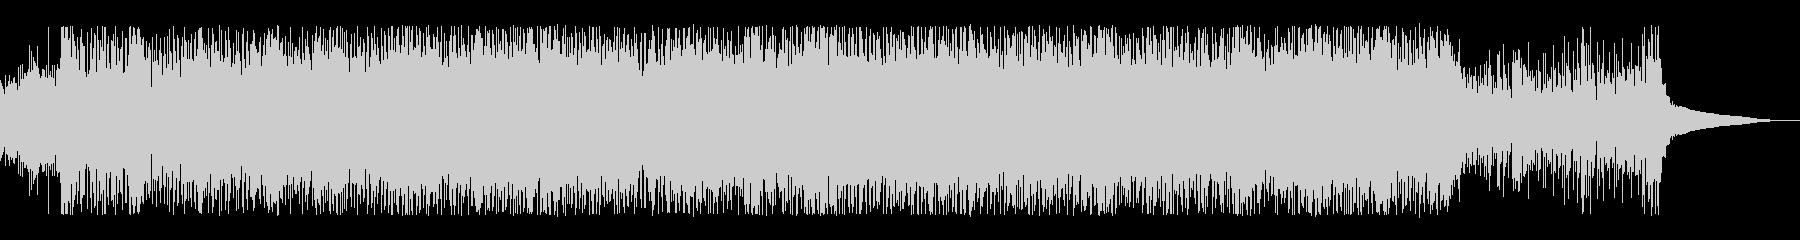 キラキラしたギターアンビエントの未再生の波形